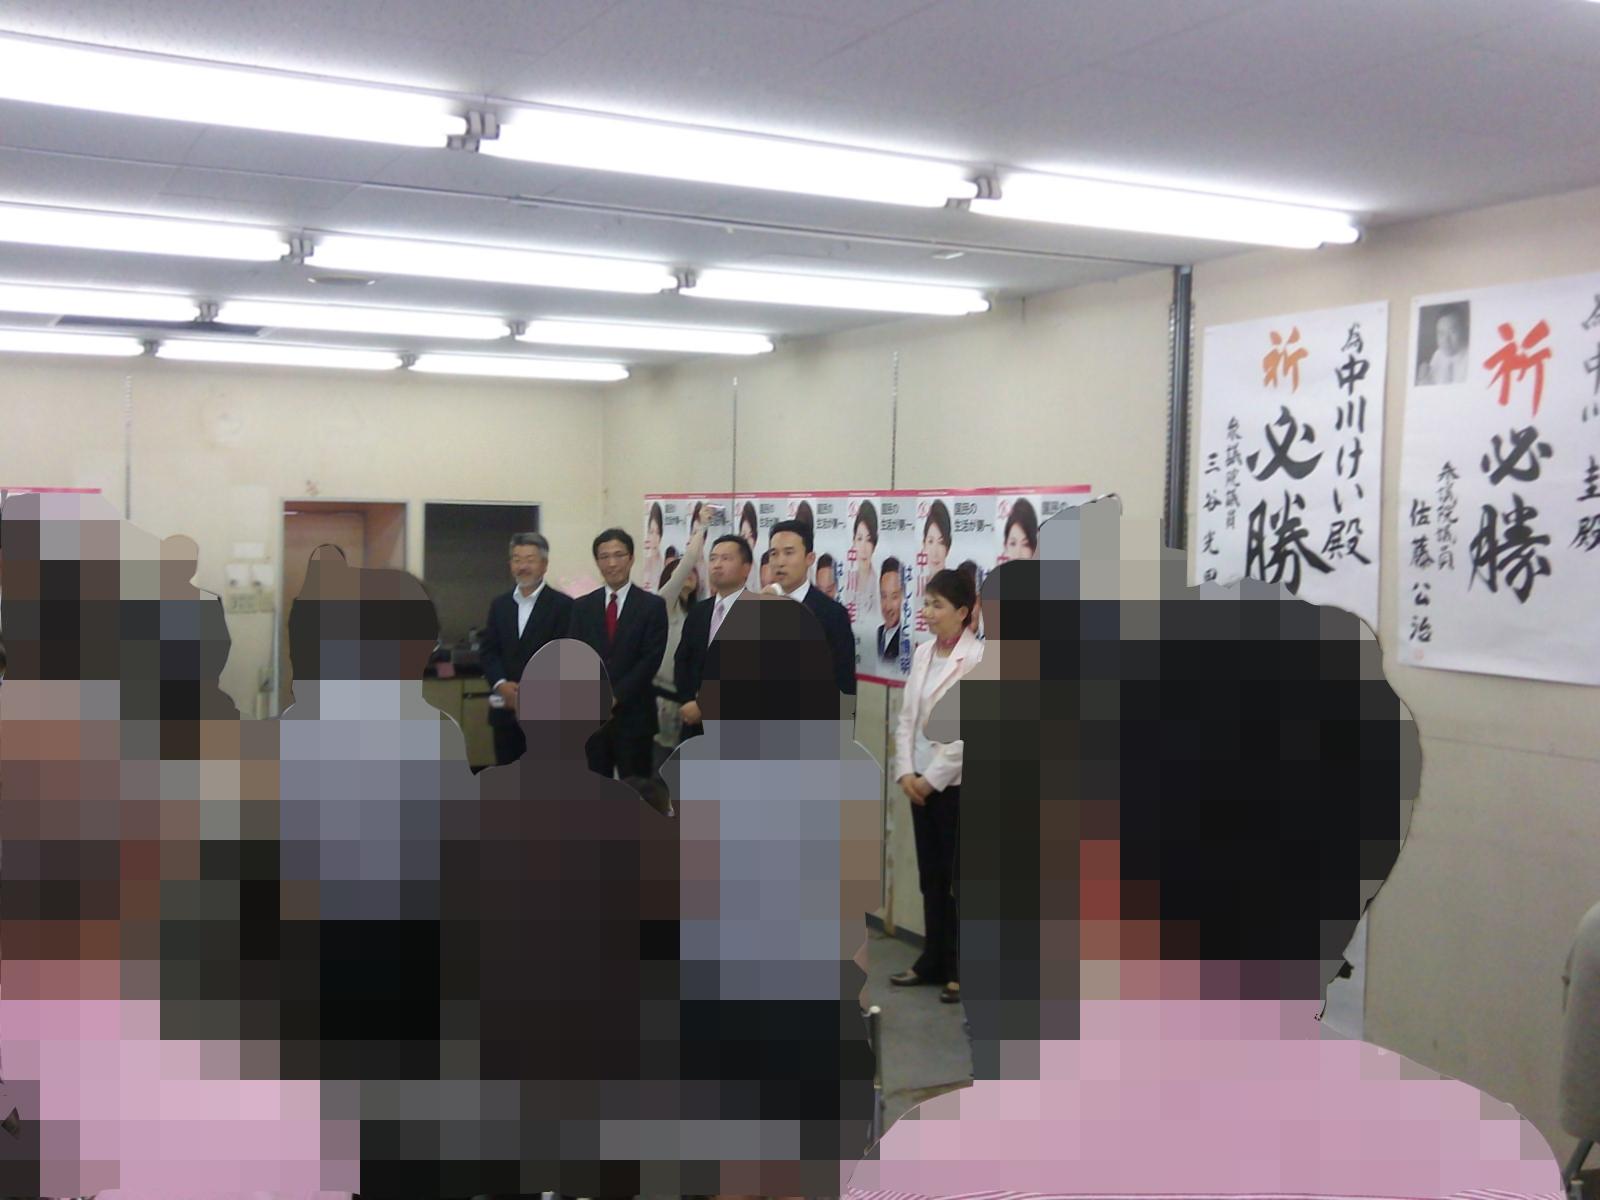 参院選広島選挙区 中川圭陣営、安佐北区にも事務所開設_e0094315_1234469.jpg